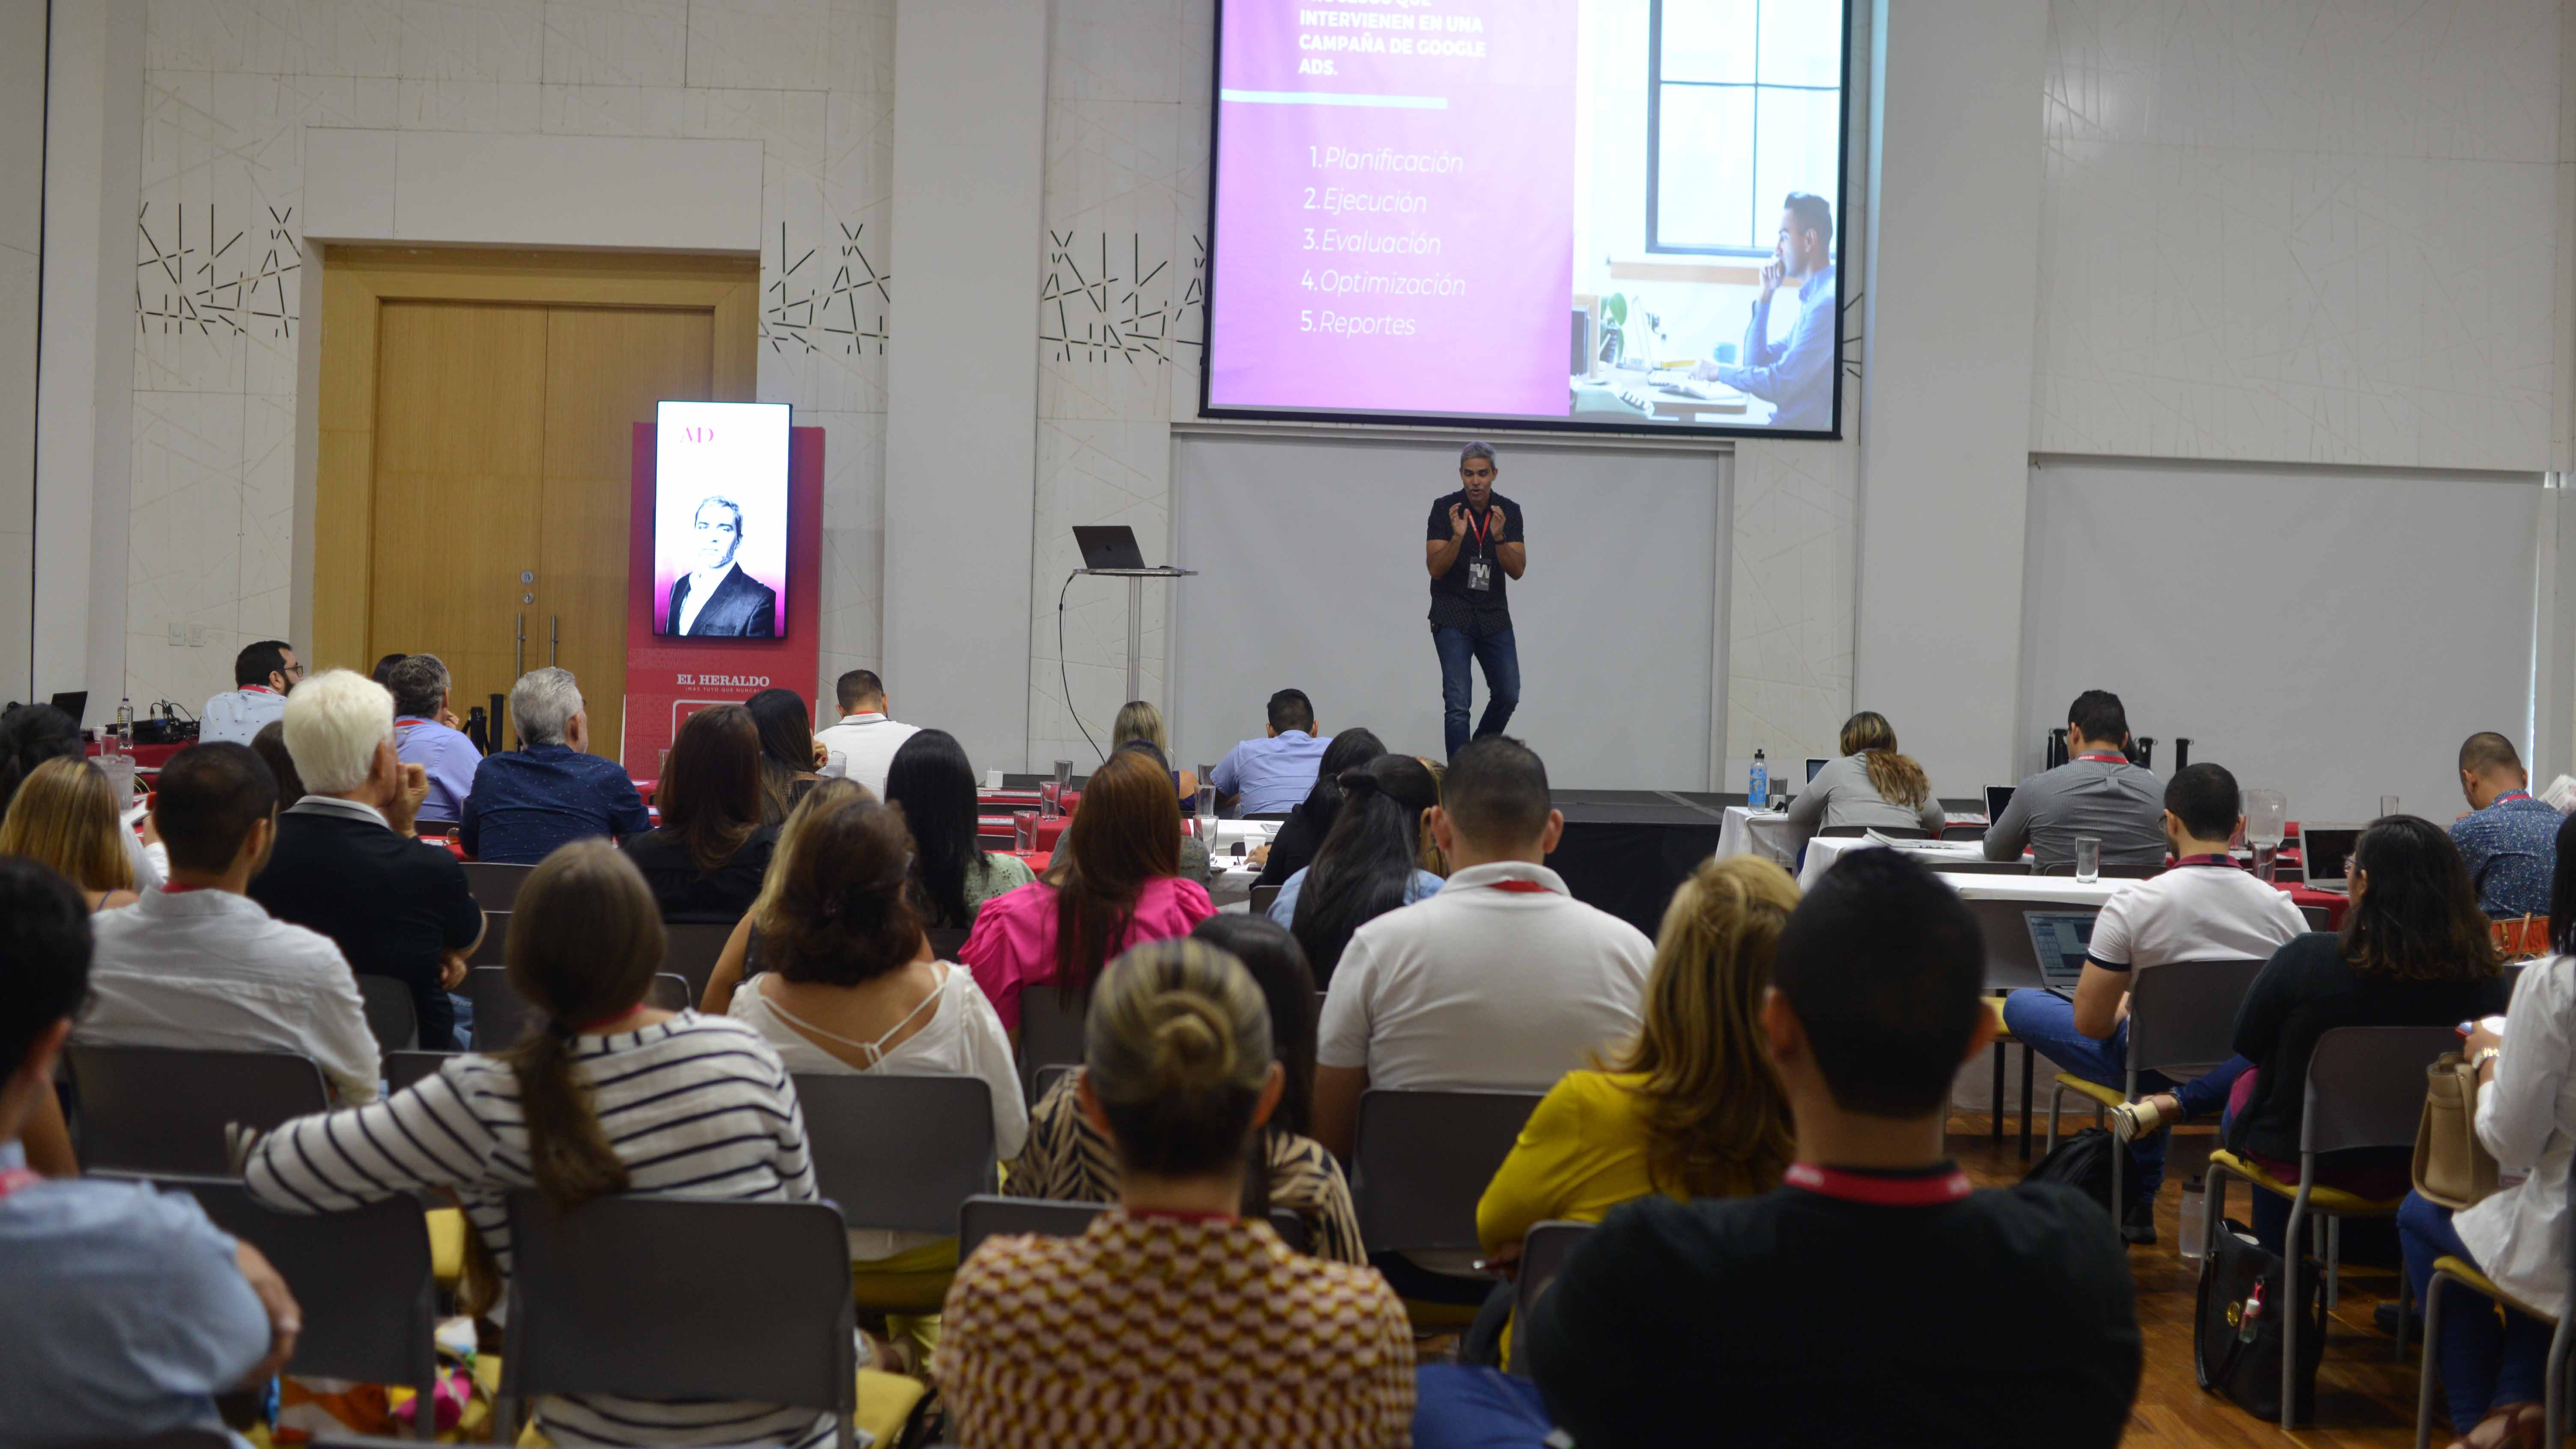 David De  Nubila durante una conferencia sobre marketing digital.